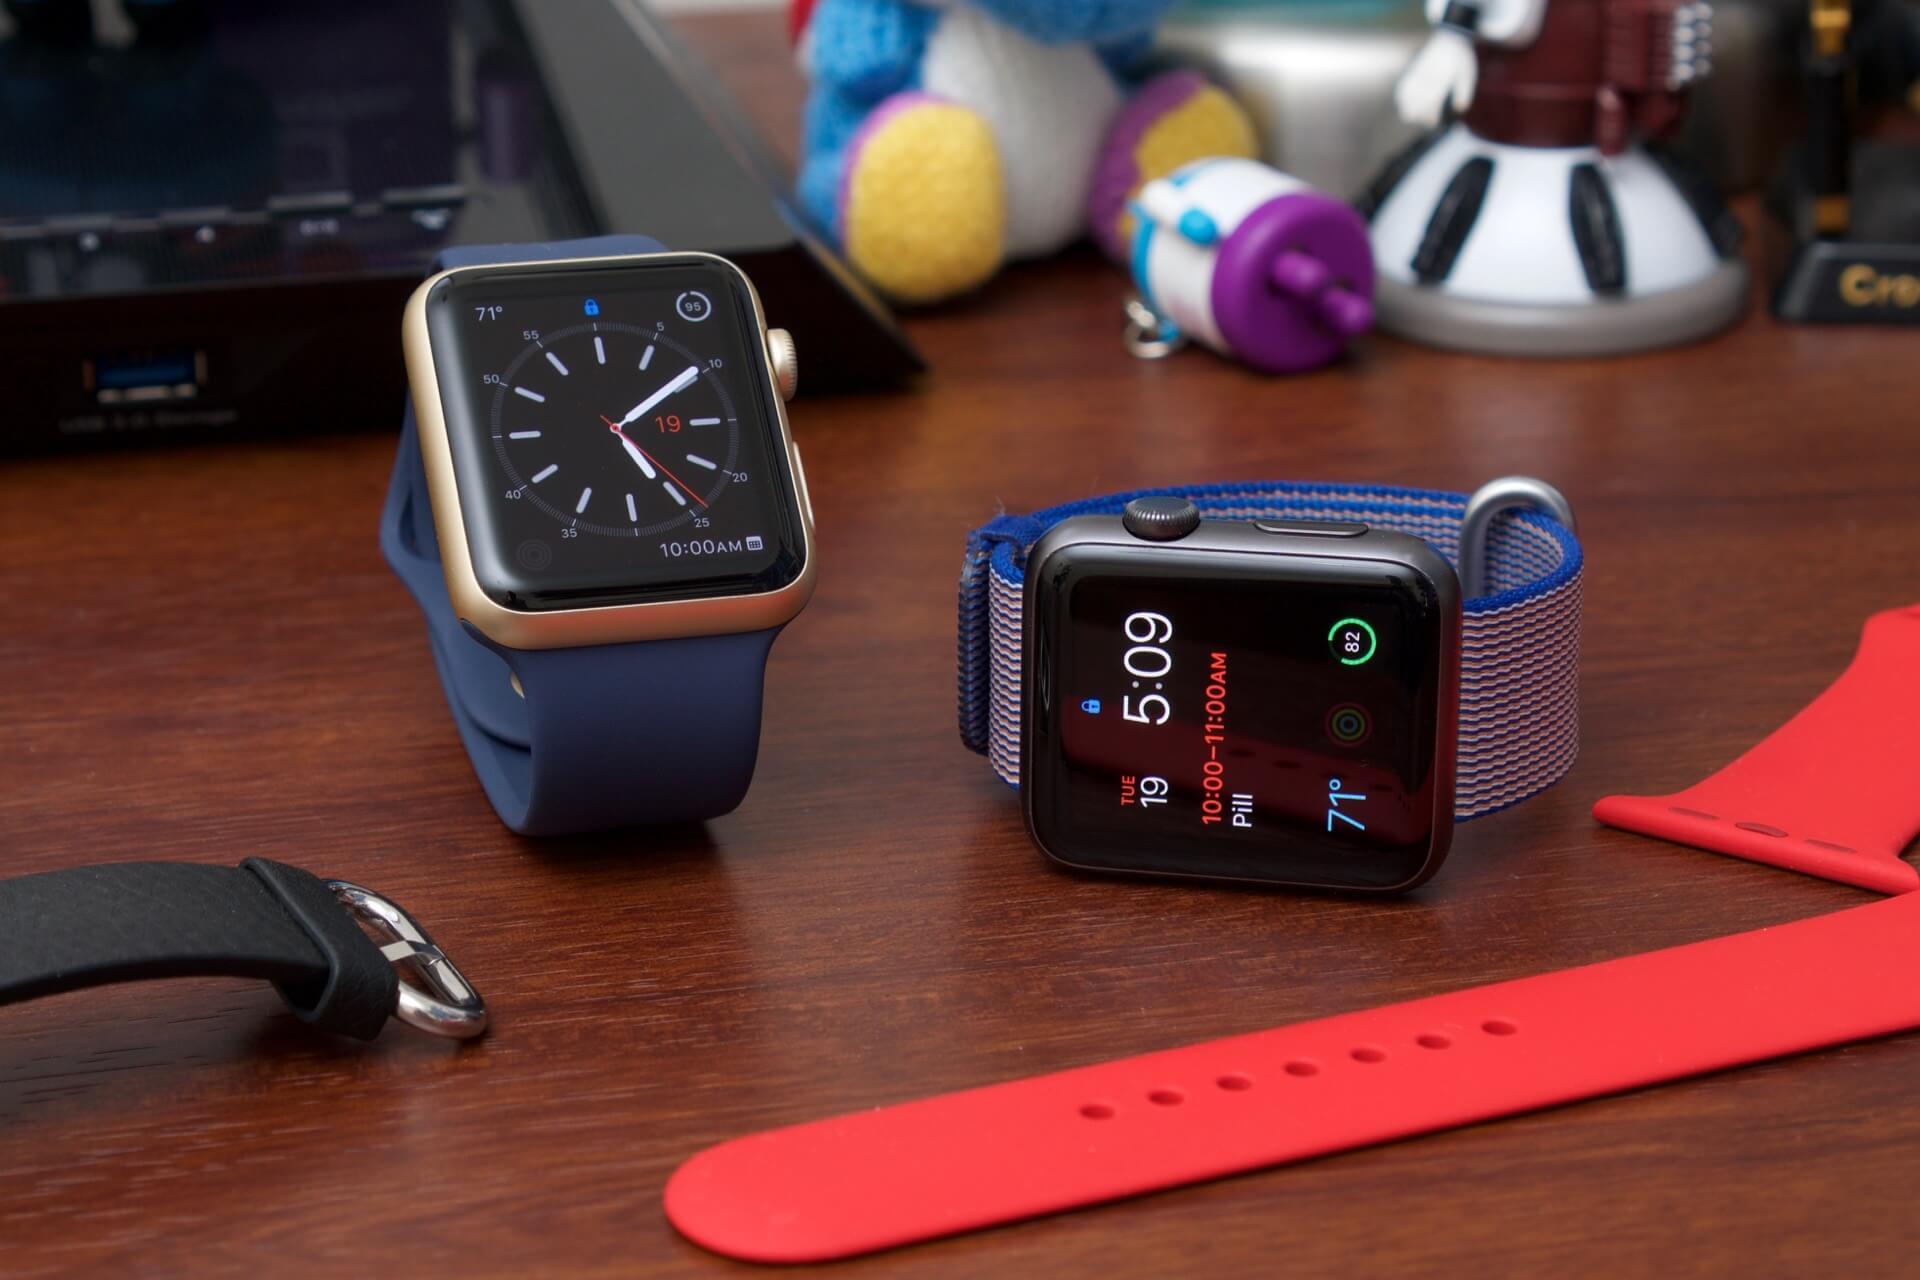 новые apple watch поступят продажу